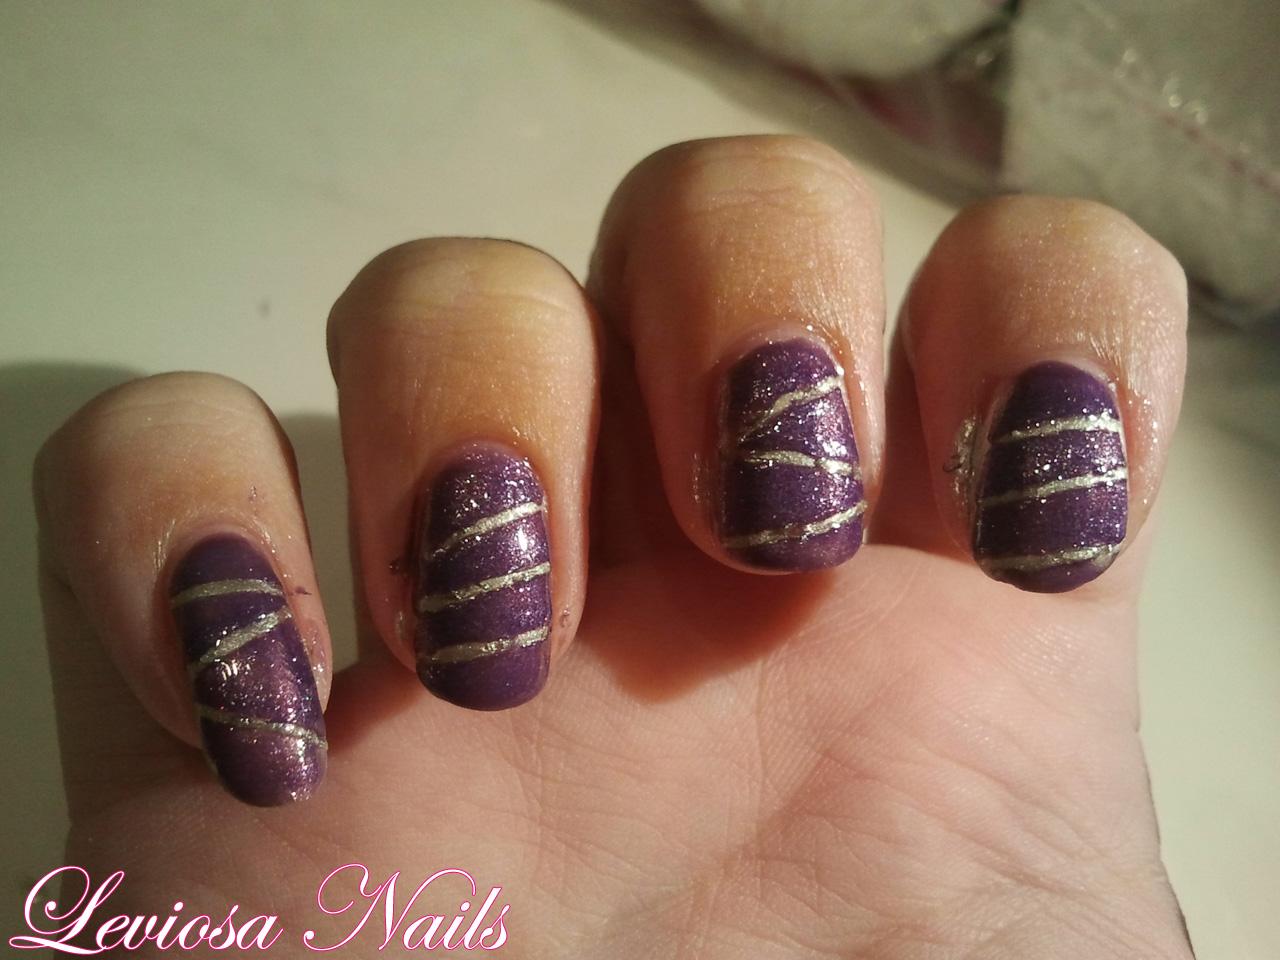 Leviosa Nails Nail Art